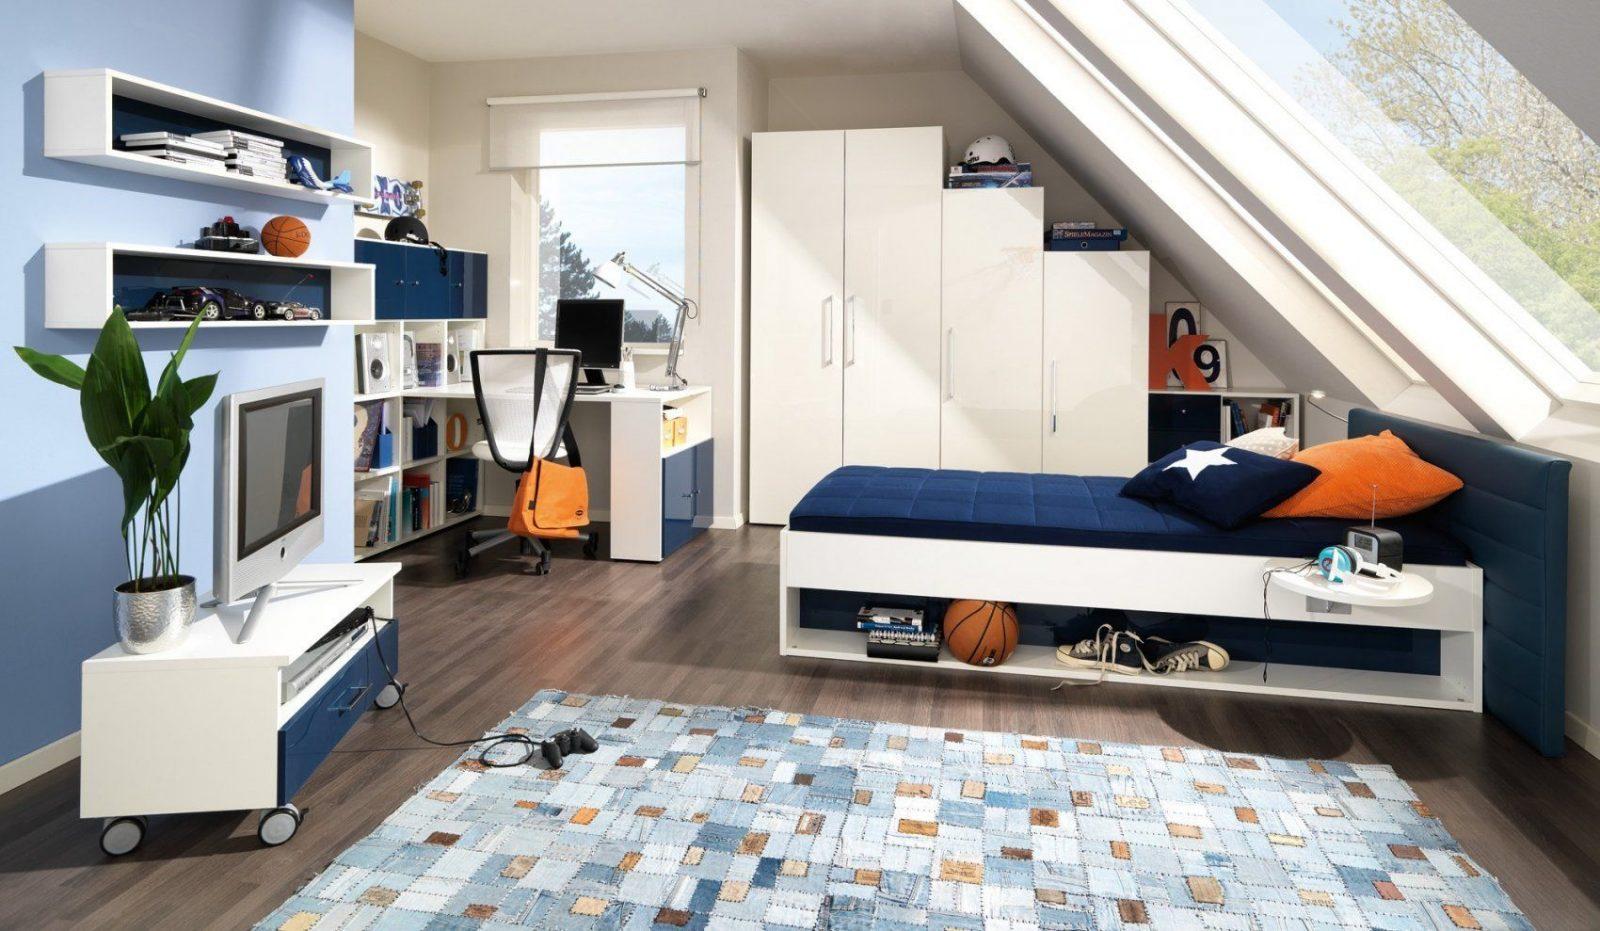 Jugendzimmer Für Jungs Mit Dachschräge Wandgestaltung von Kinderzimmer Gestalten Junge Mit Dachschräge Photo